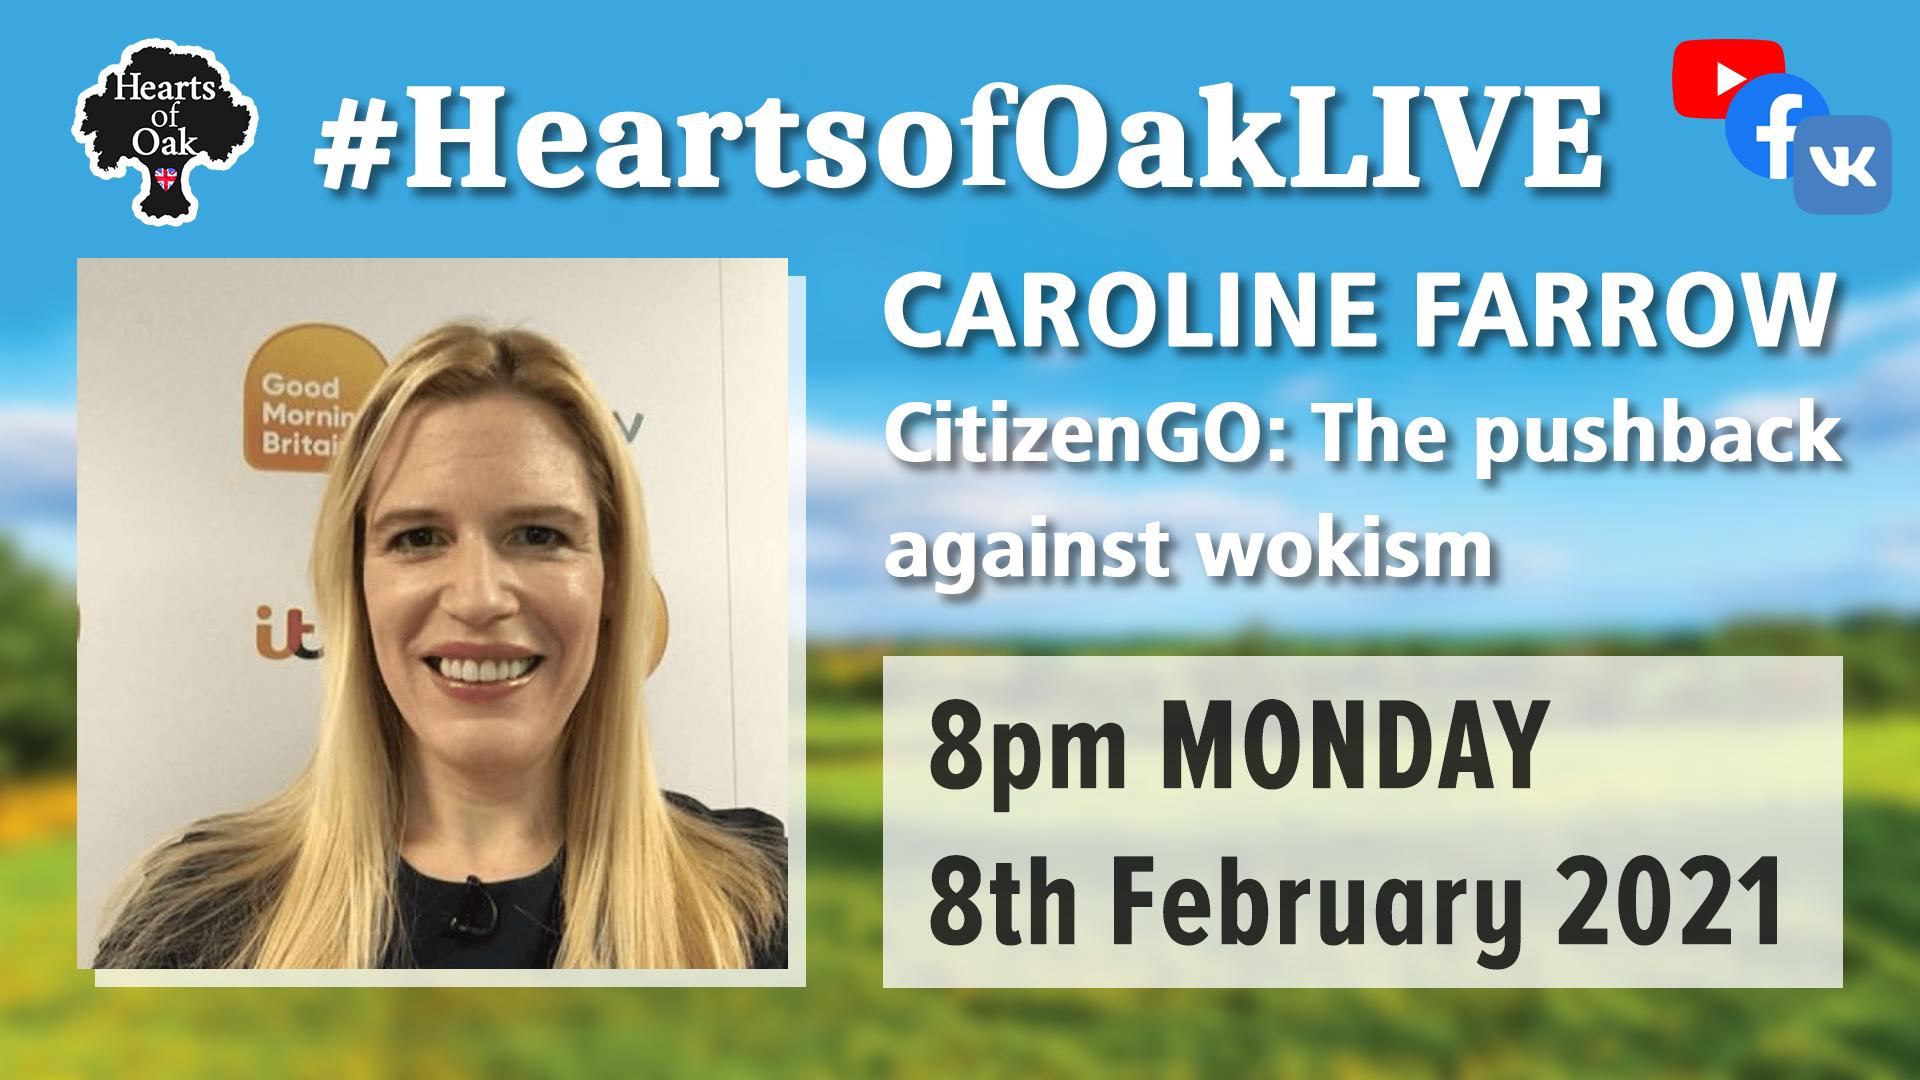 Caroline Farrow CitizenGO and the pushback against wokism